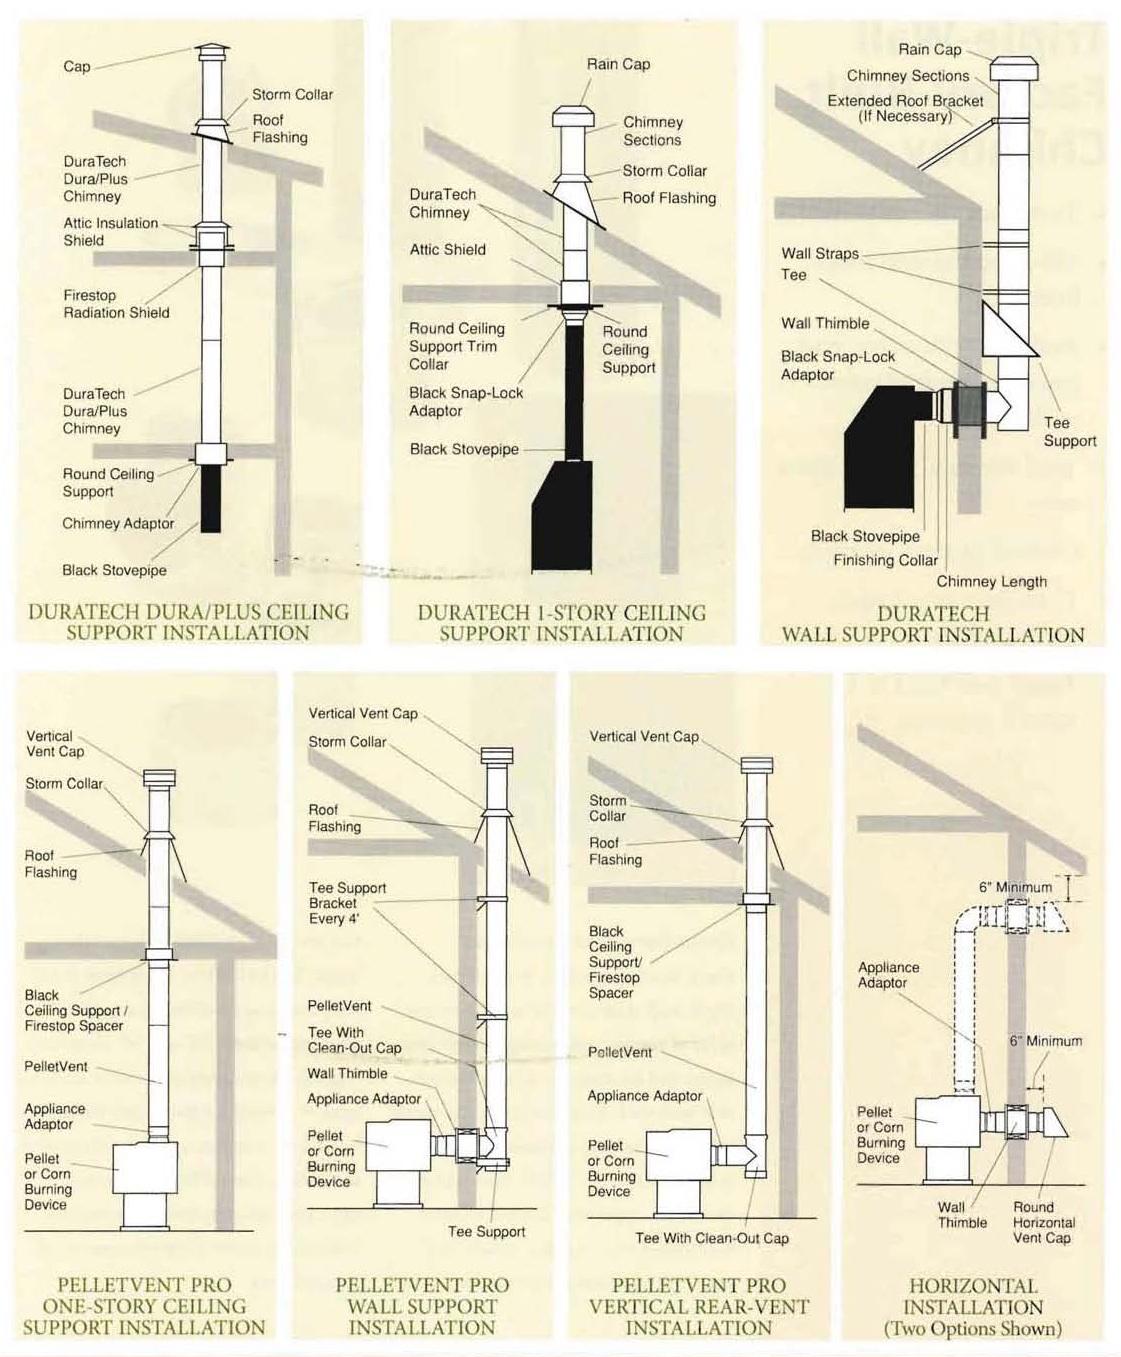 wood-20-20pellet-20chimney-20diagrams-page-2-20crop-1-.jpg